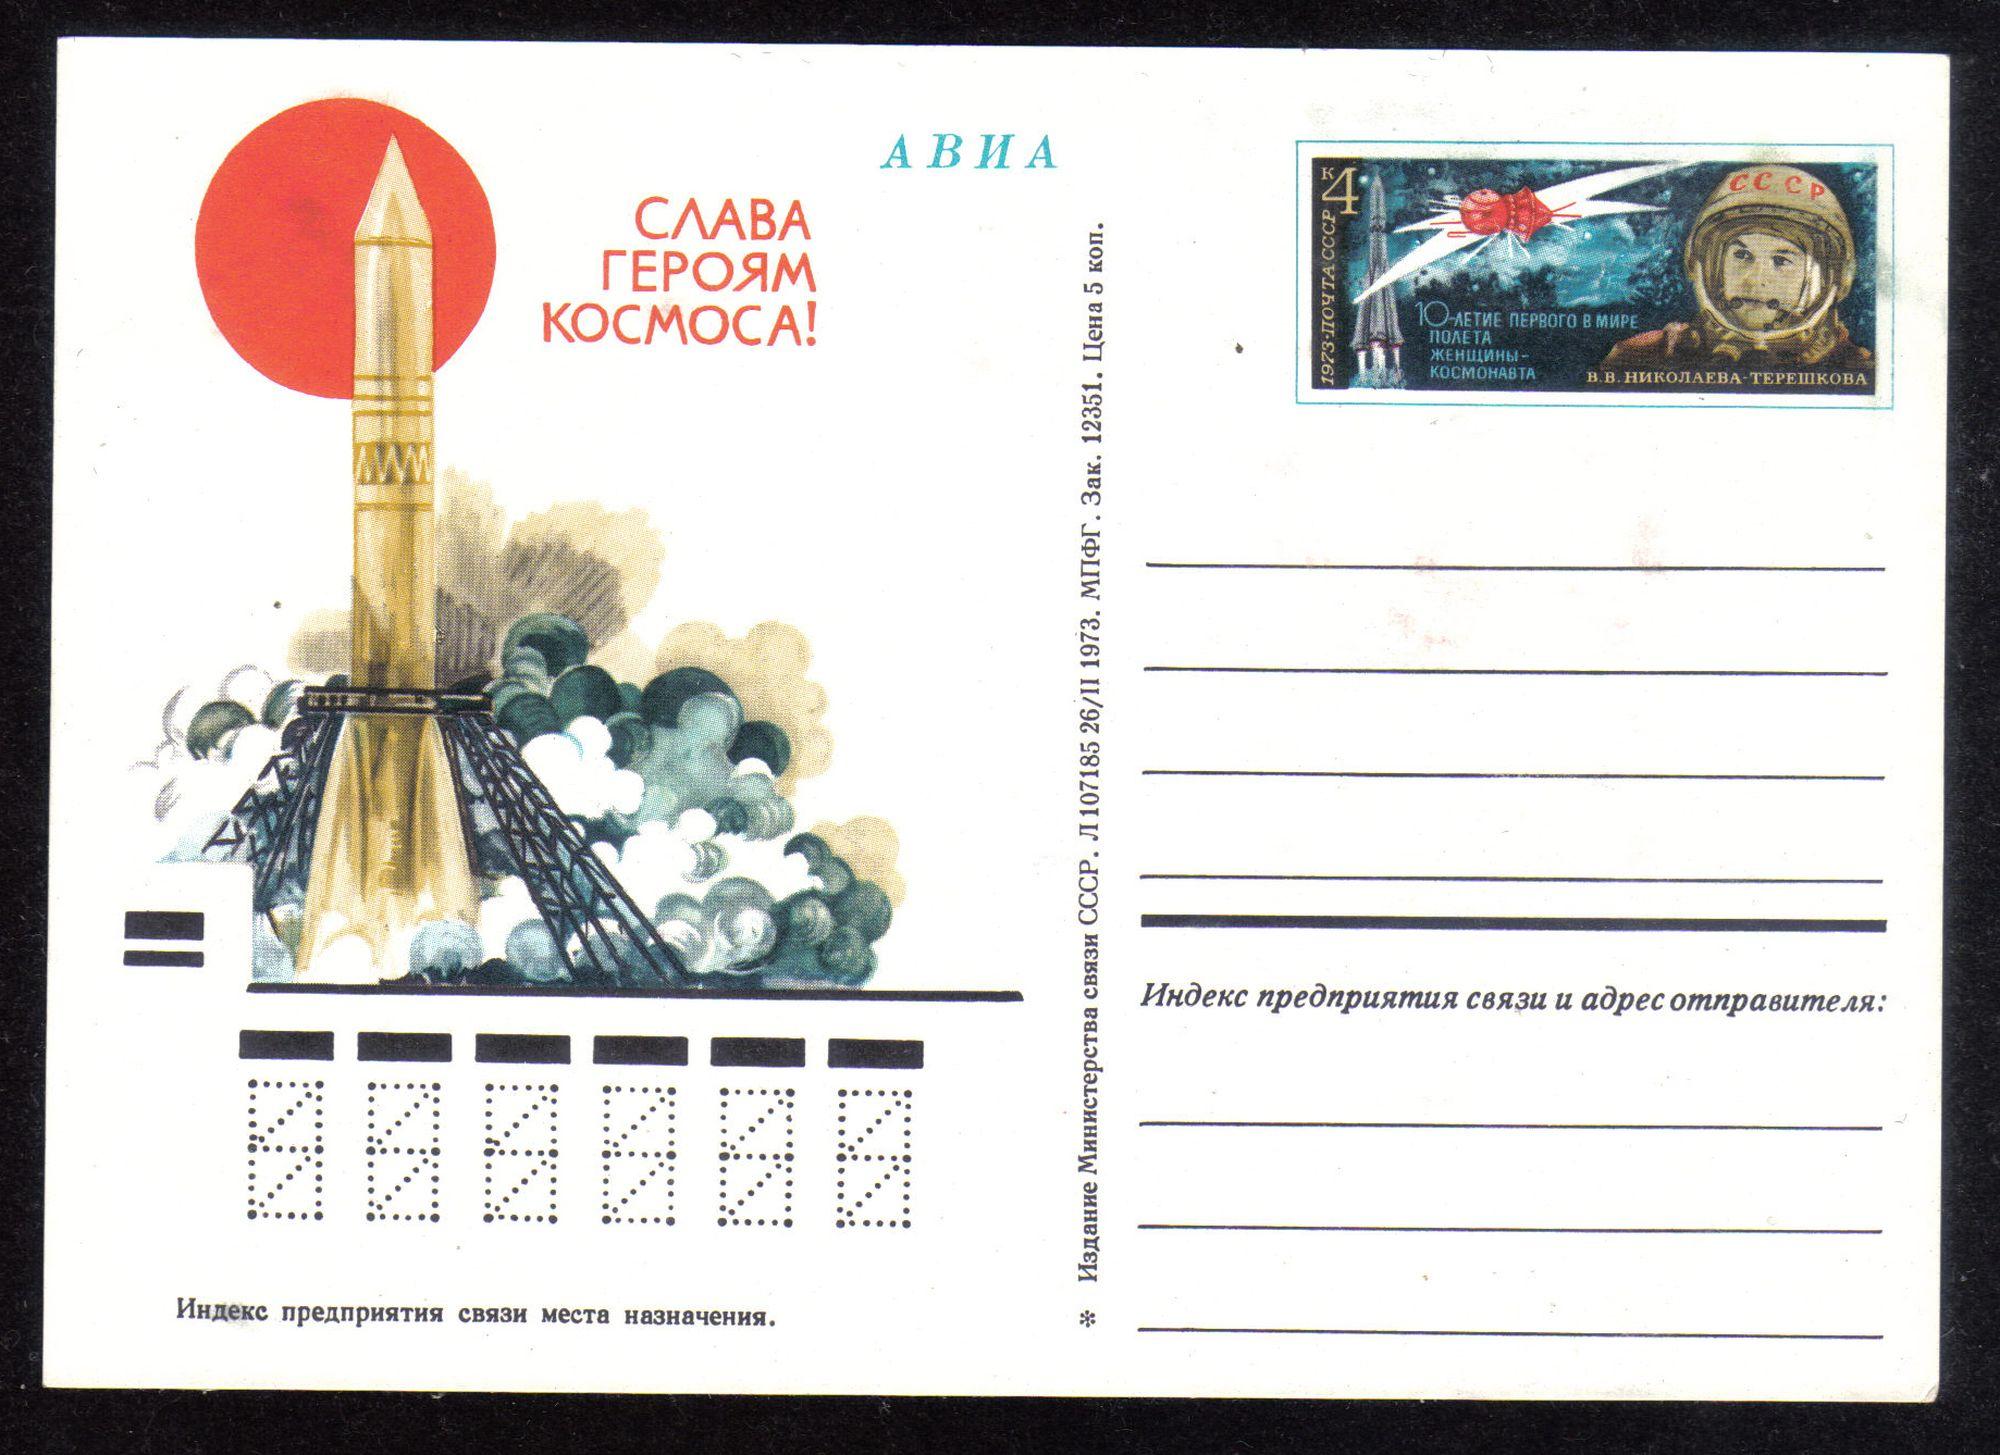 открытка с маркой название представлены несколько готовых